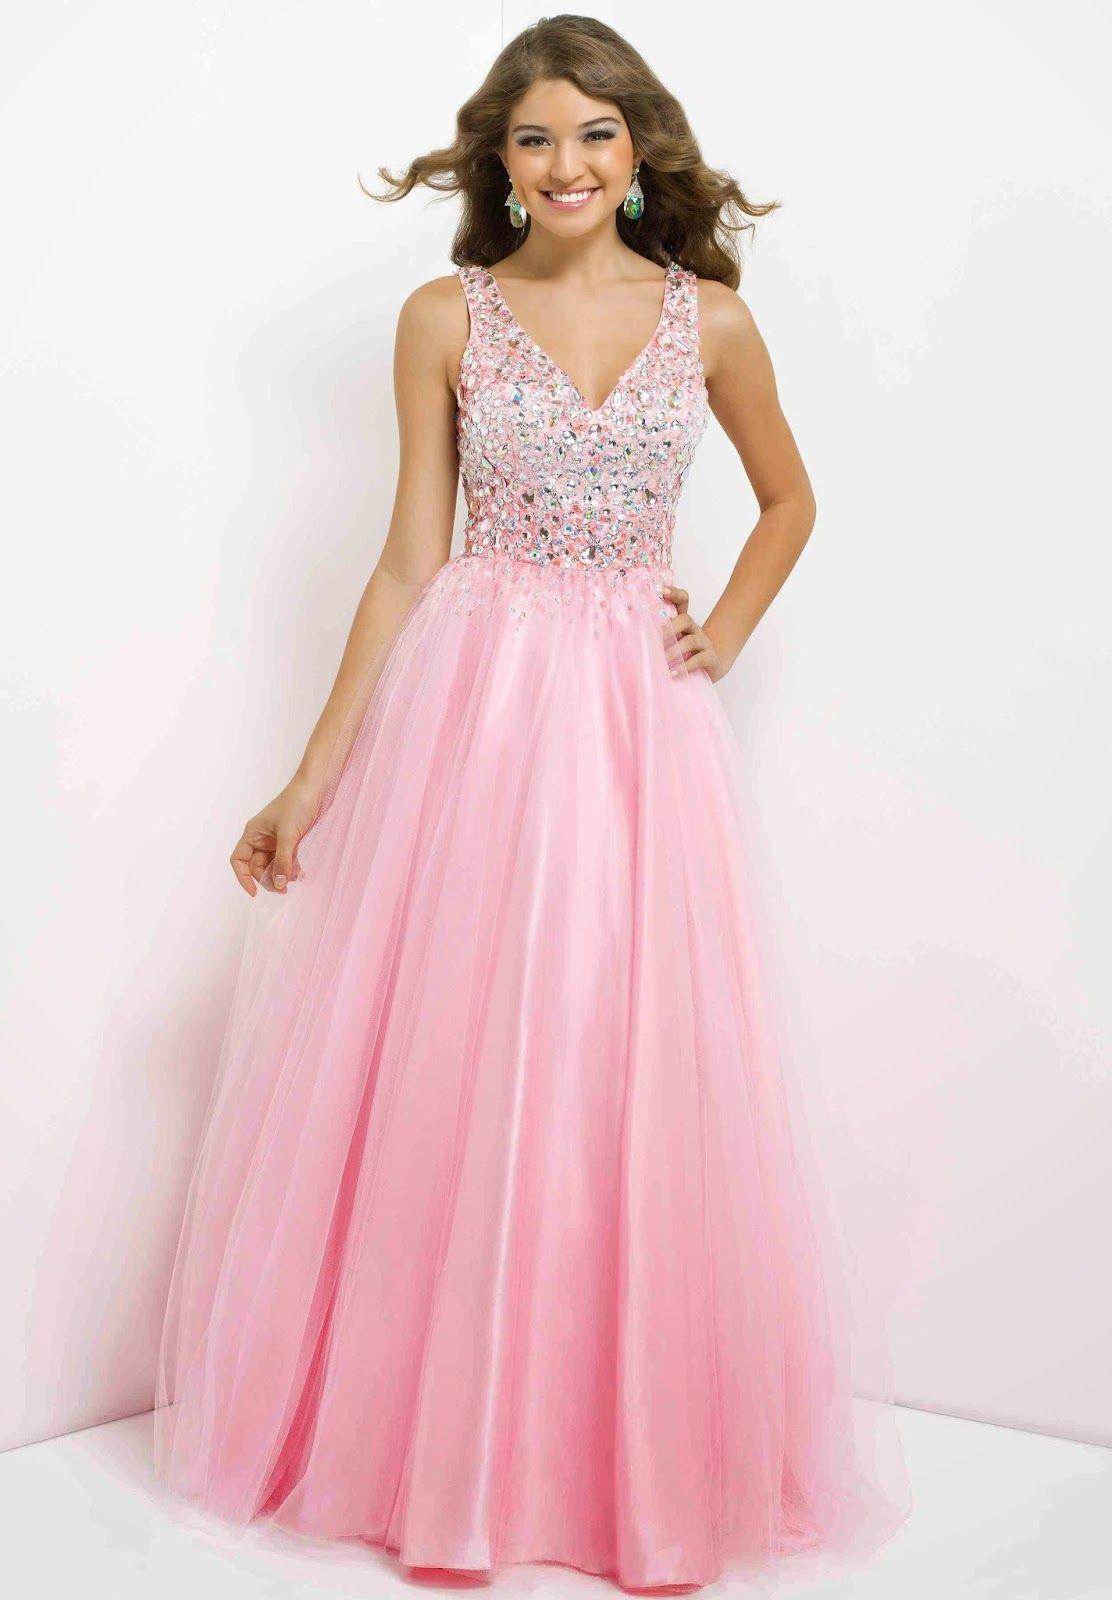 Estupendos vestidos de fiesta | Moda y Tendencias | costuras | Pinterest